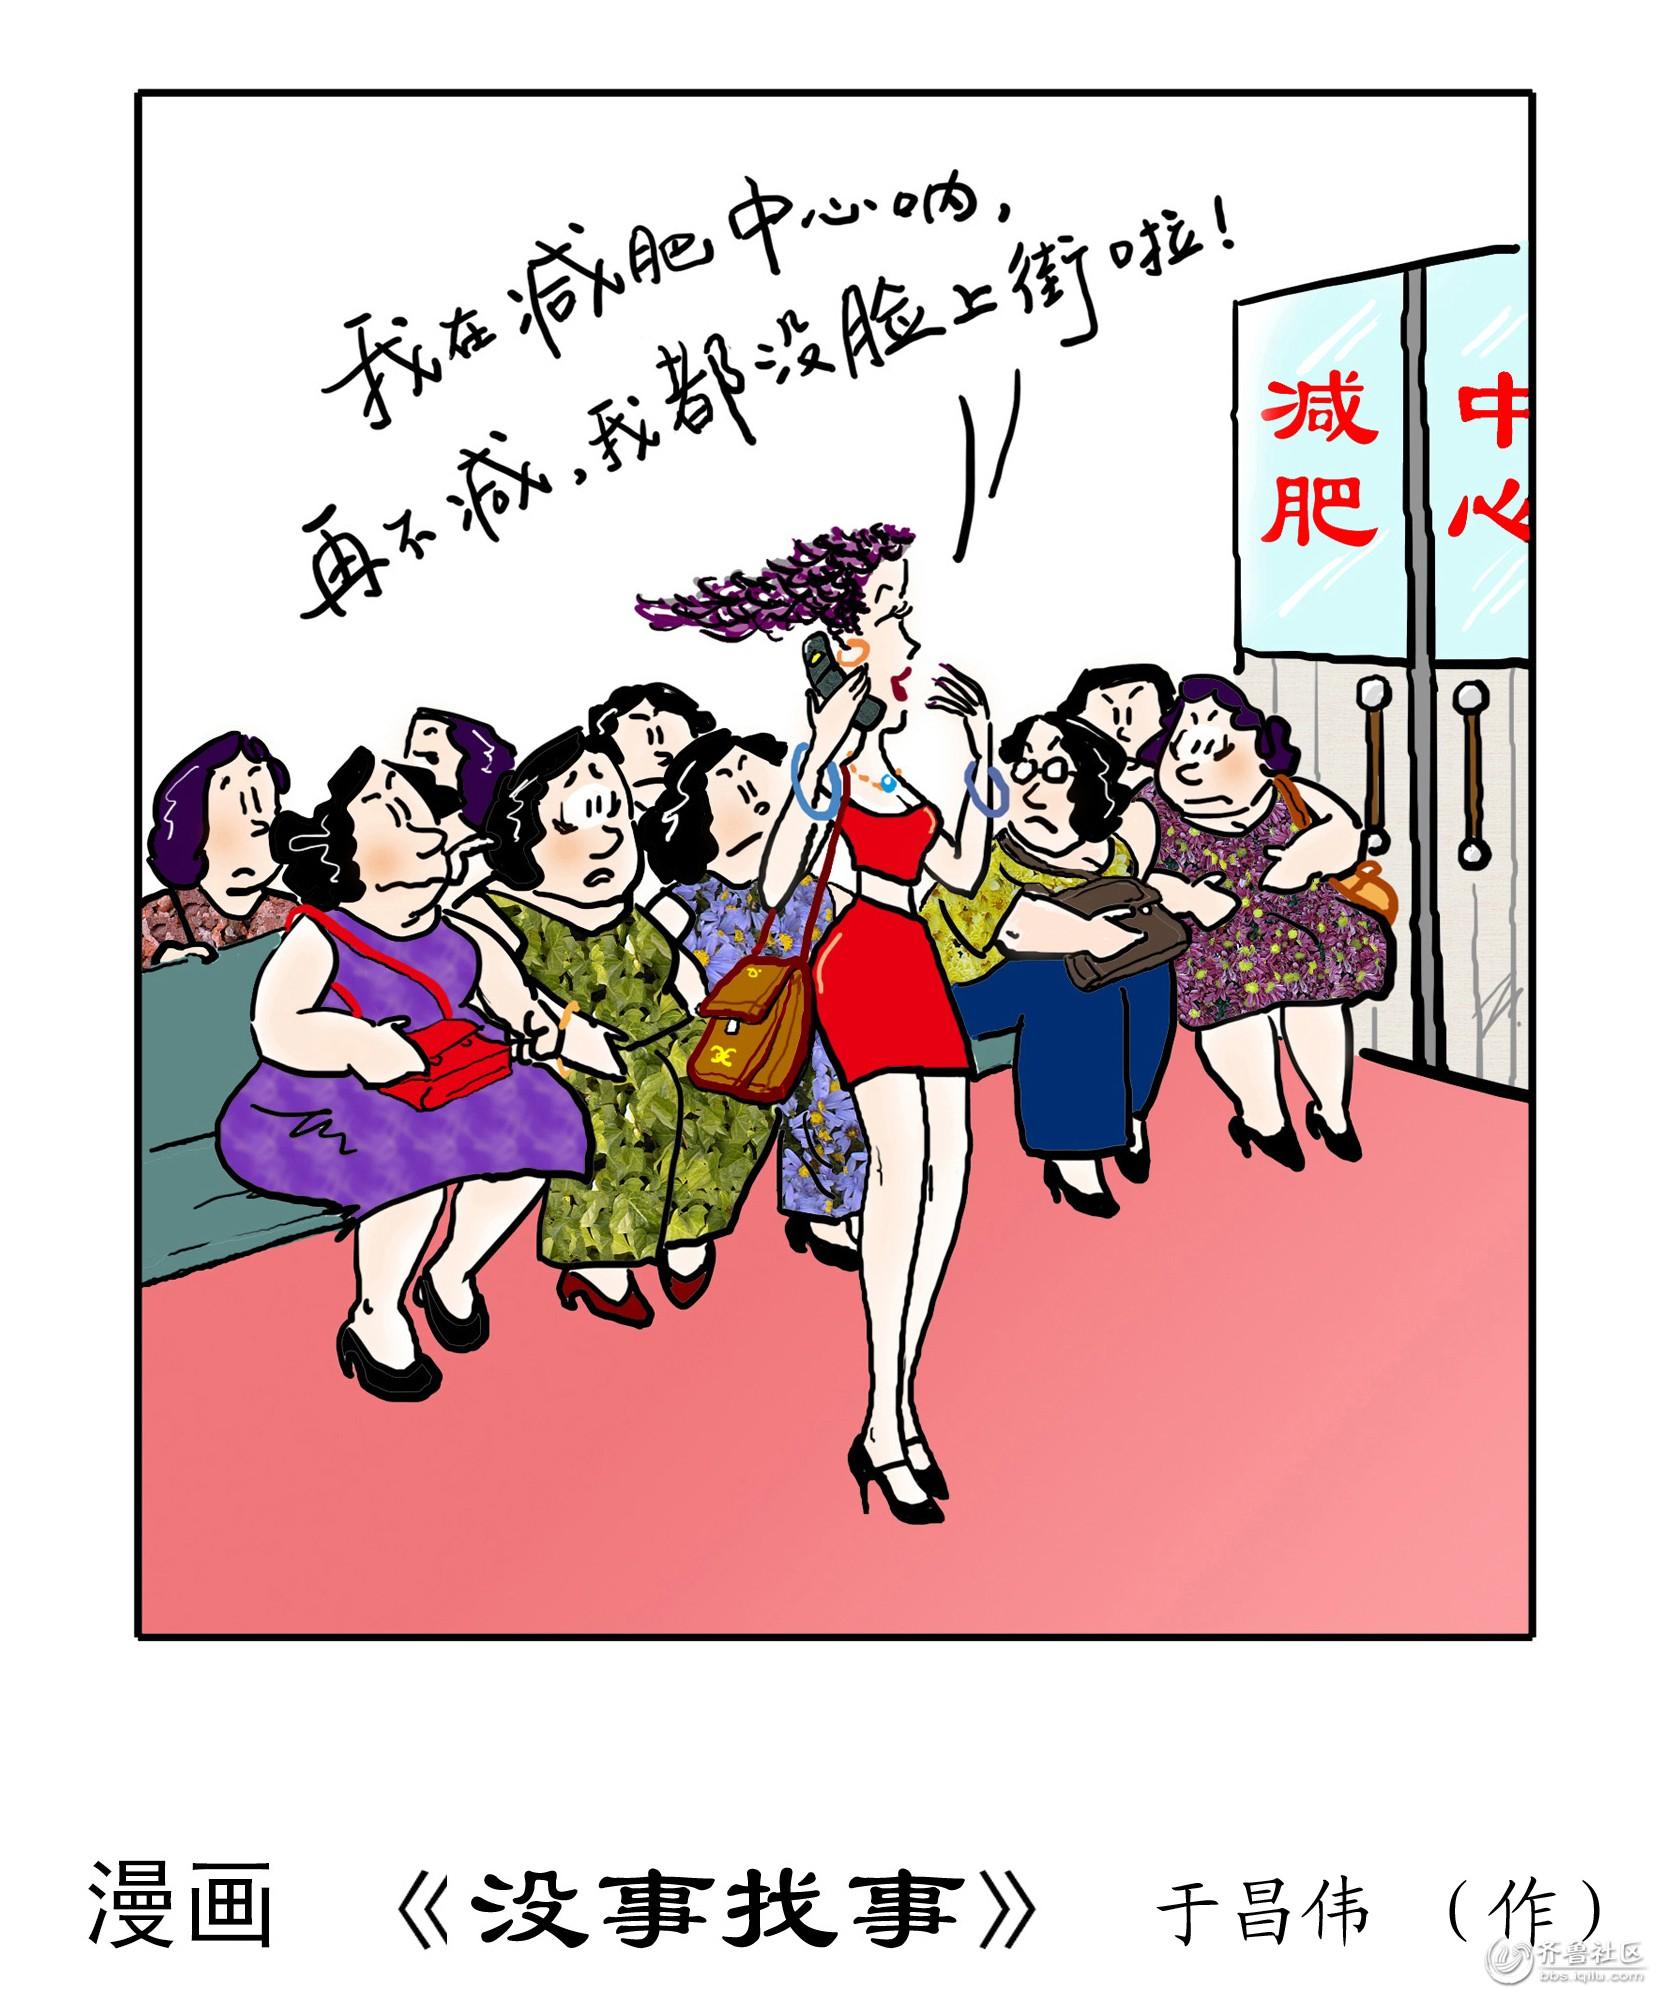 wb10漫画--《没事找事》.jpg